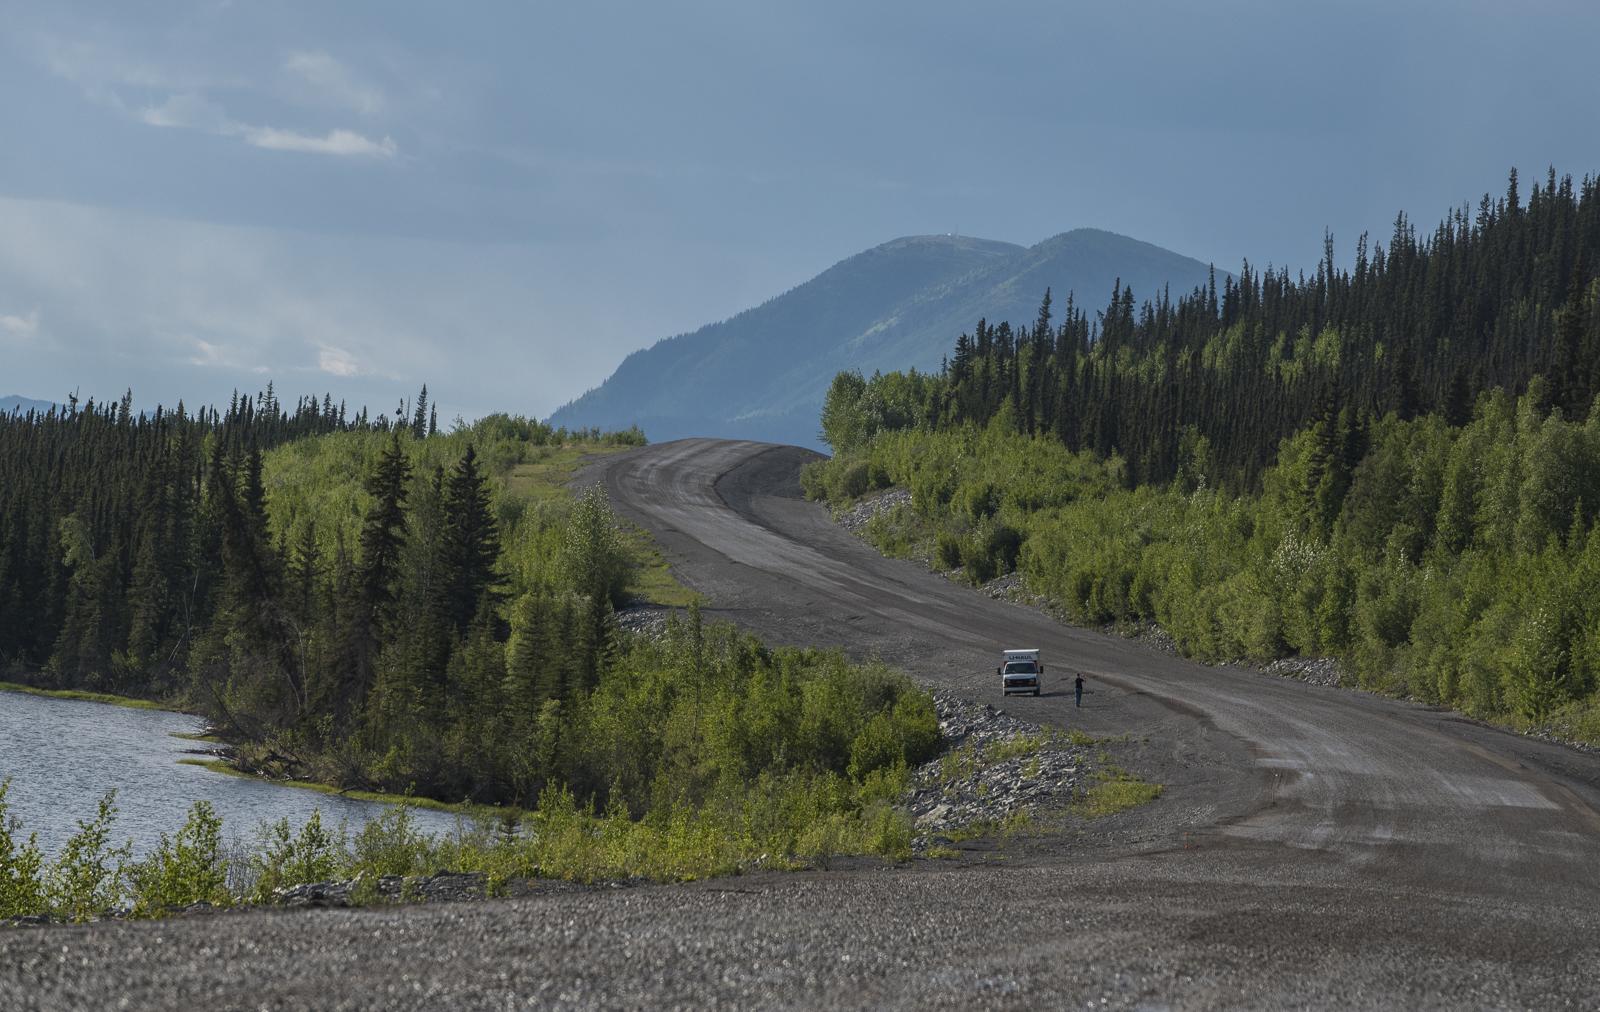 The Alaskan Highway.